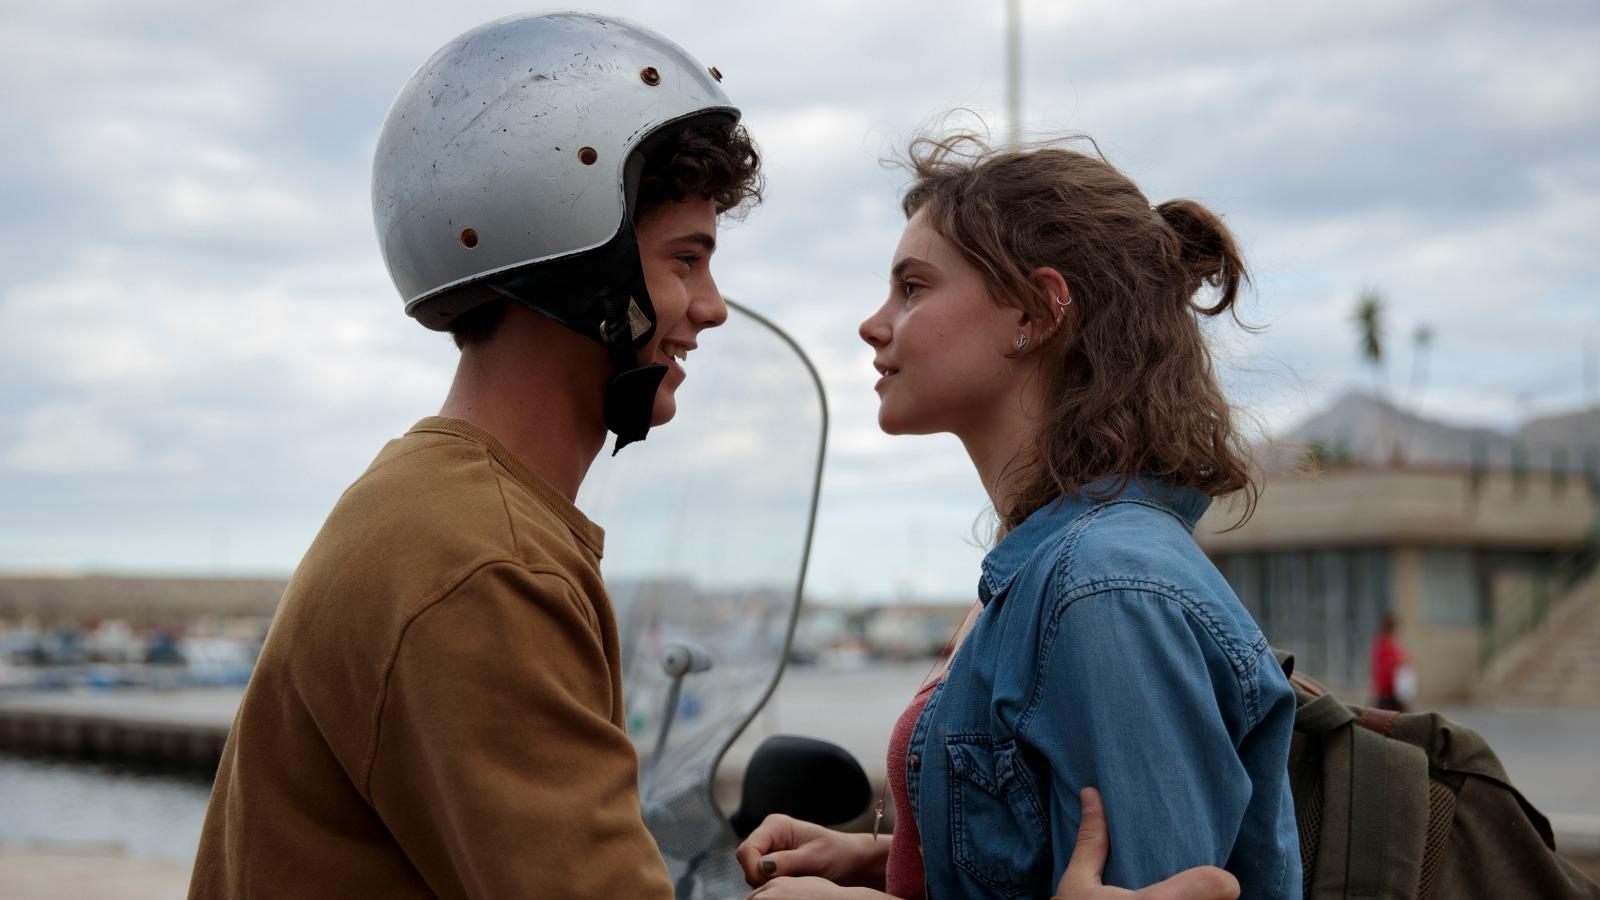 """Sulla stessa onda"""", su Netflix il film di Camaiti girato a Palermo e Màcari  - Giornale di Sicilia"""